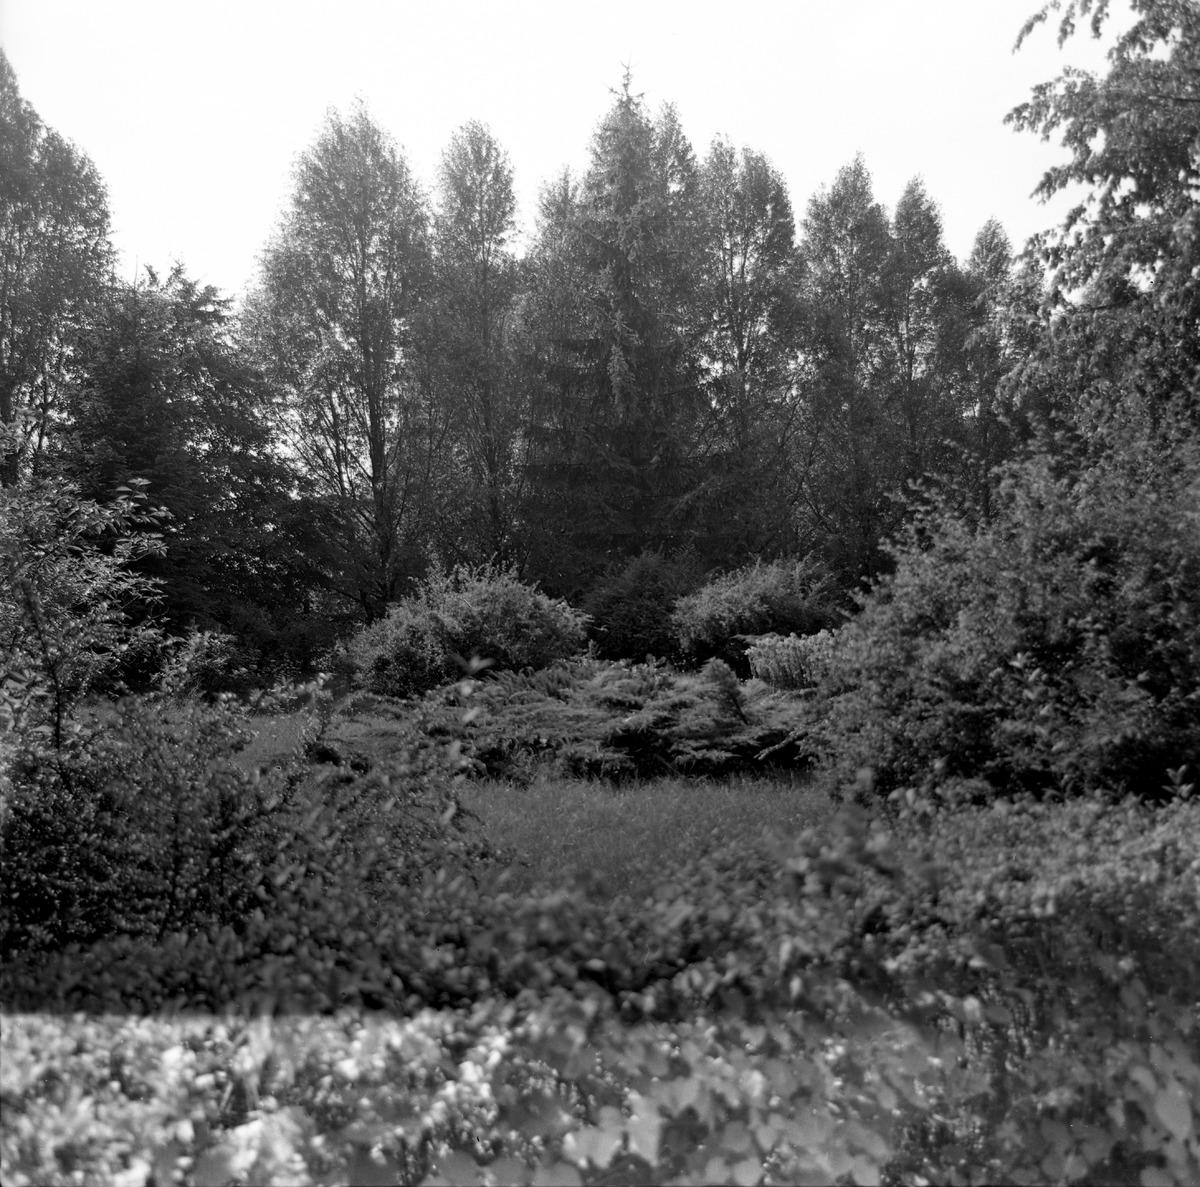 Cmentarz wojenny żołnierzy radzieckich [6]